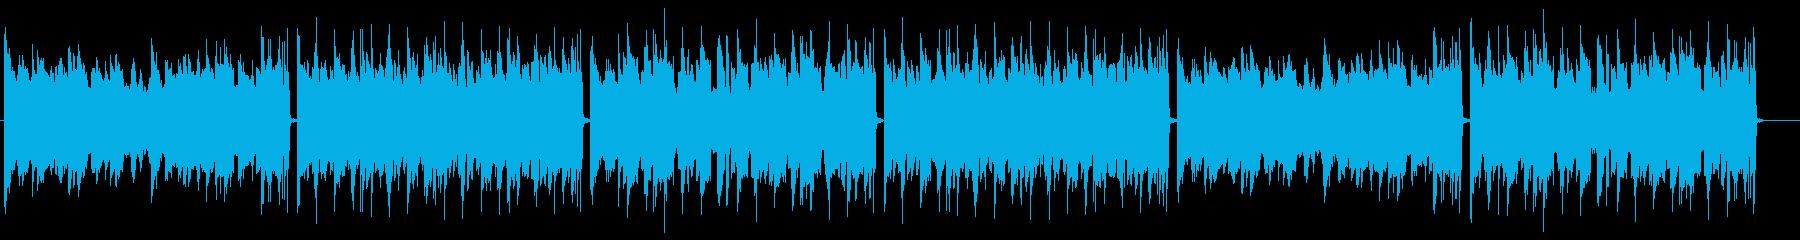 メロウで神秘的なピアノのLofi・チルの再生済みの波形